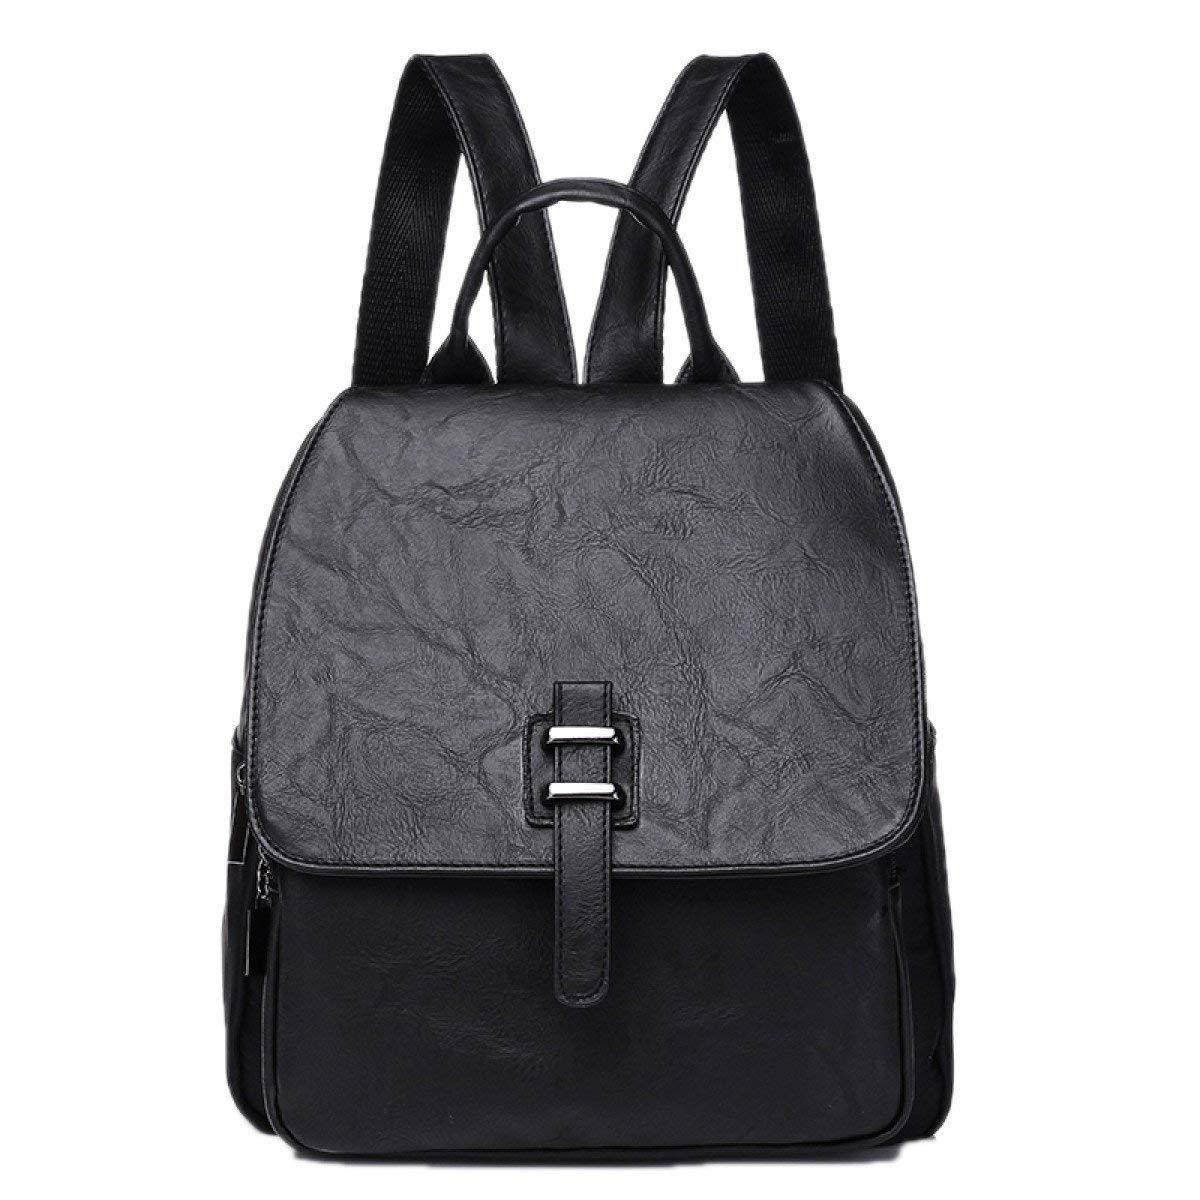 Hale Tomlinson レディース B07G69ZRM5 One Size|black